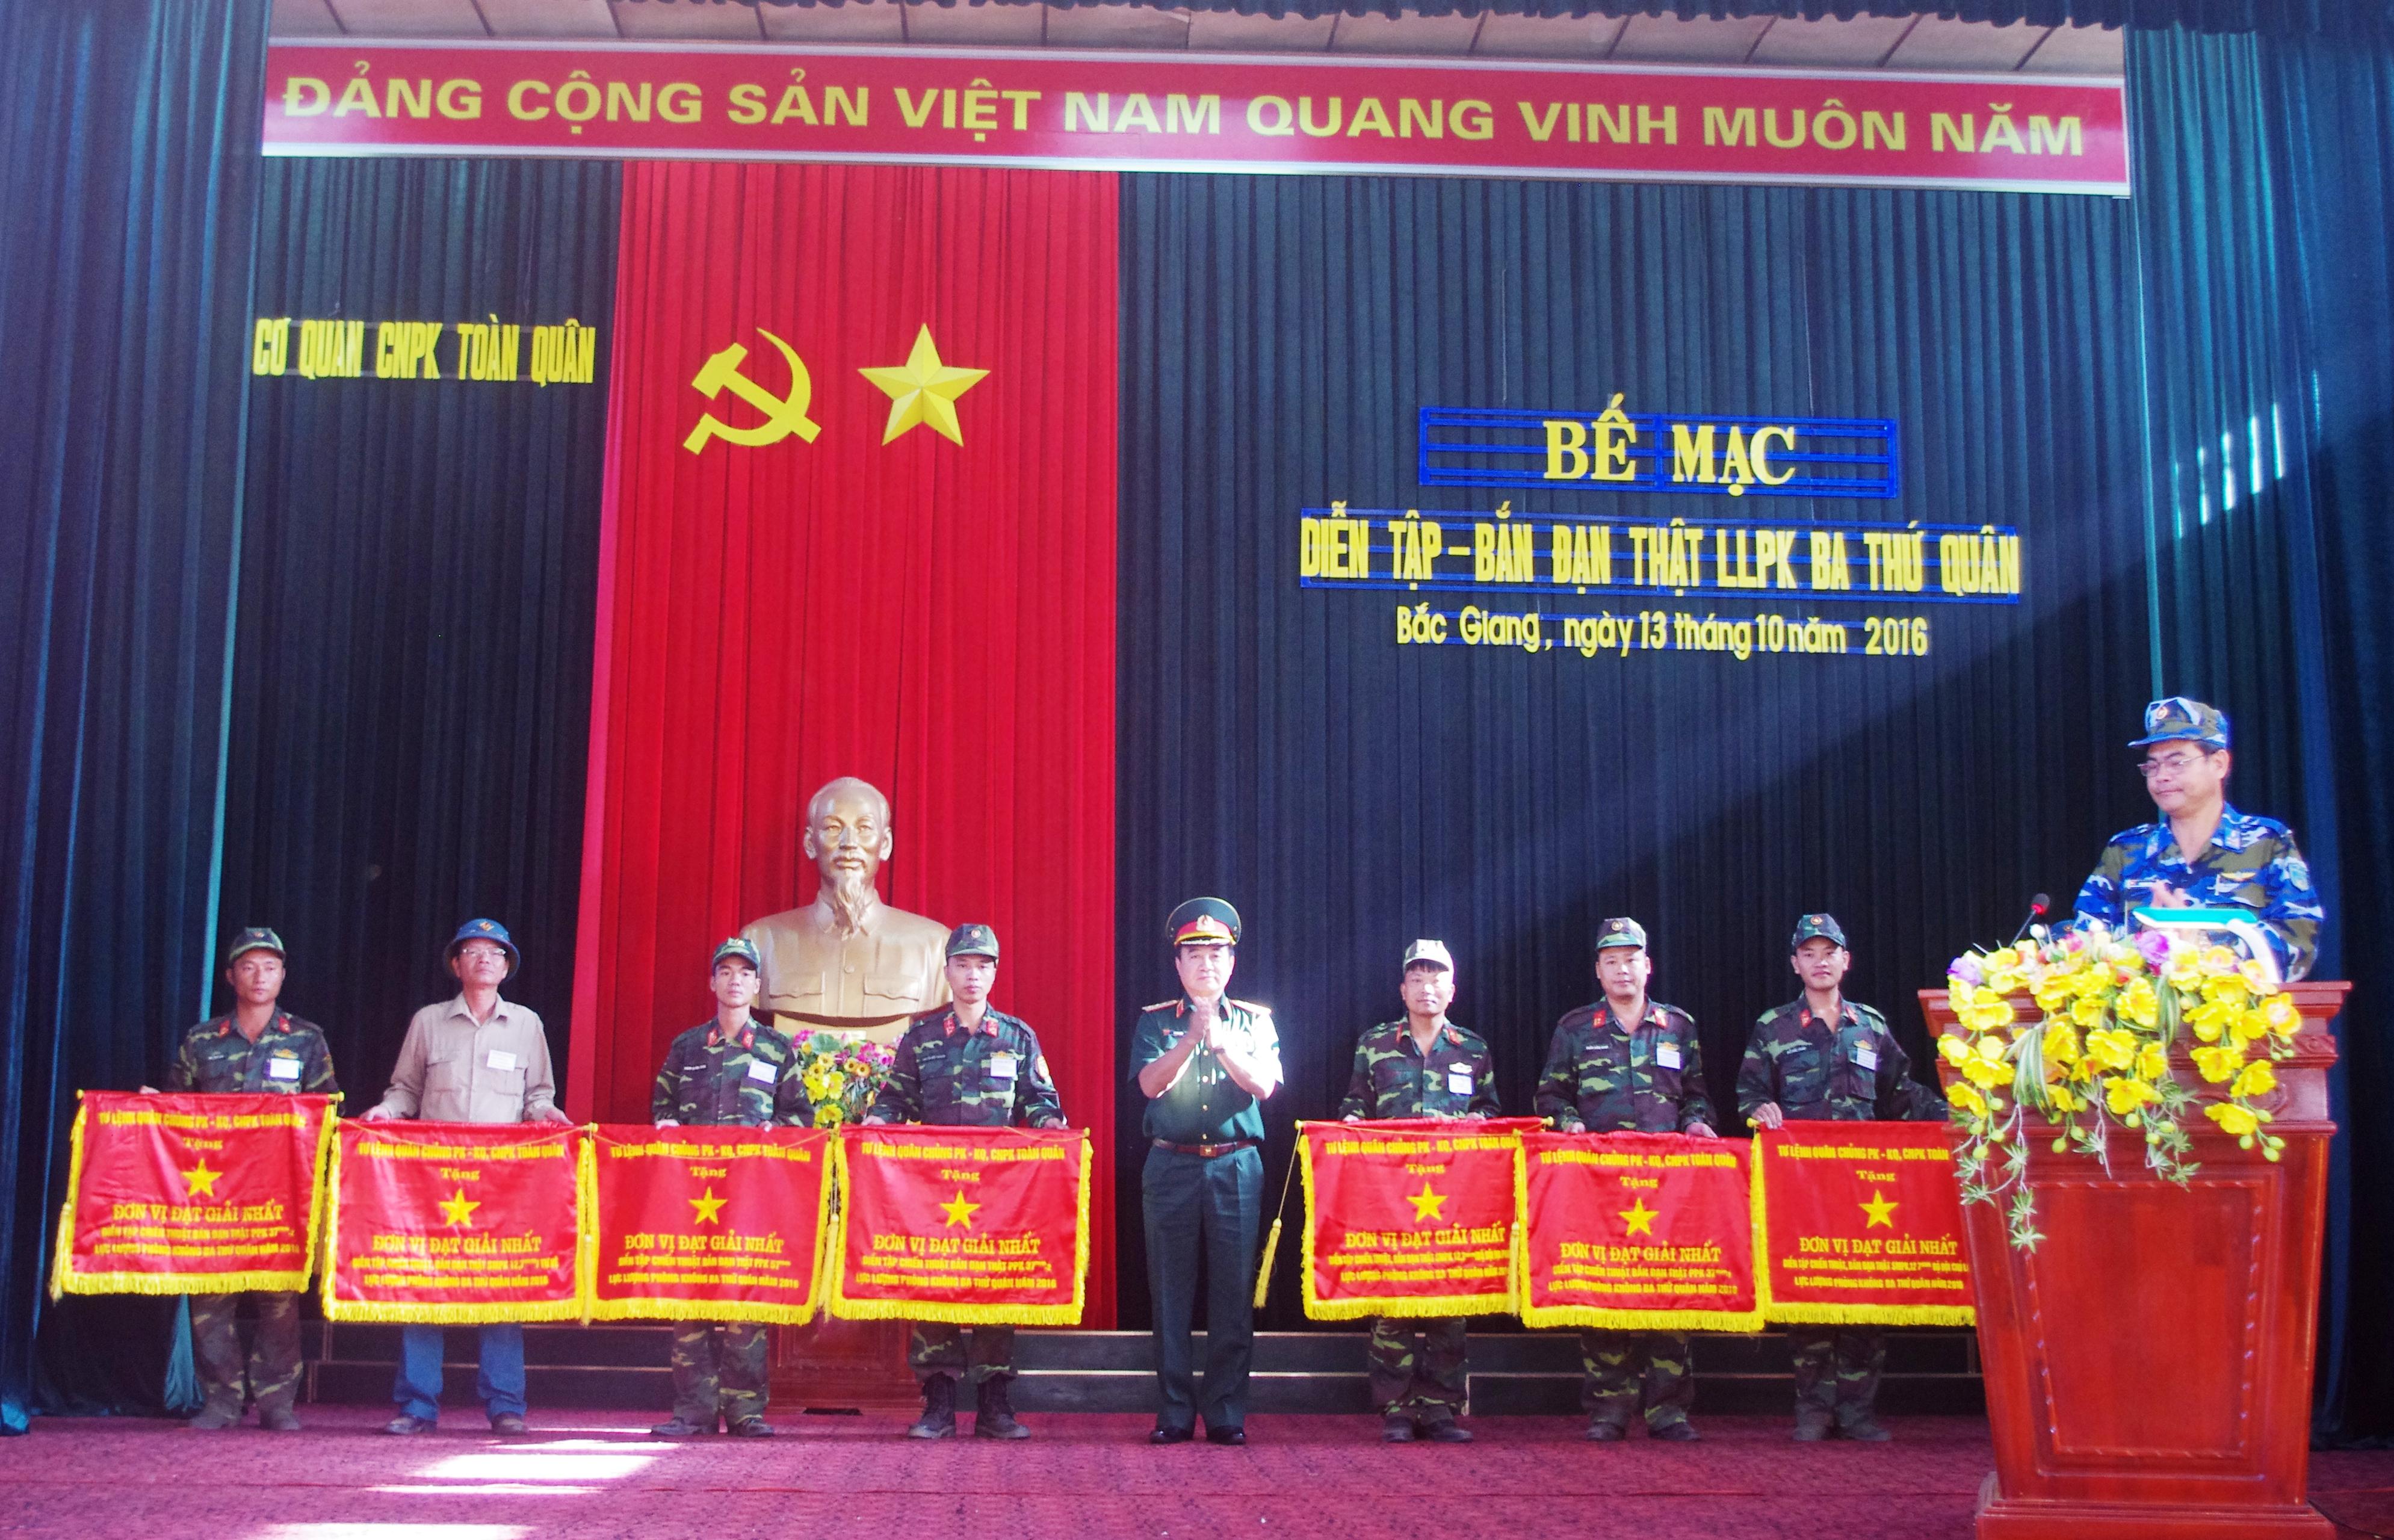 Thượng tướng Võ Văn Tuấn, Phó Tổng Tham mưu trưởng QĐND Việt Nam tặng cờ cho các đơn vị đạt giải Nhất.